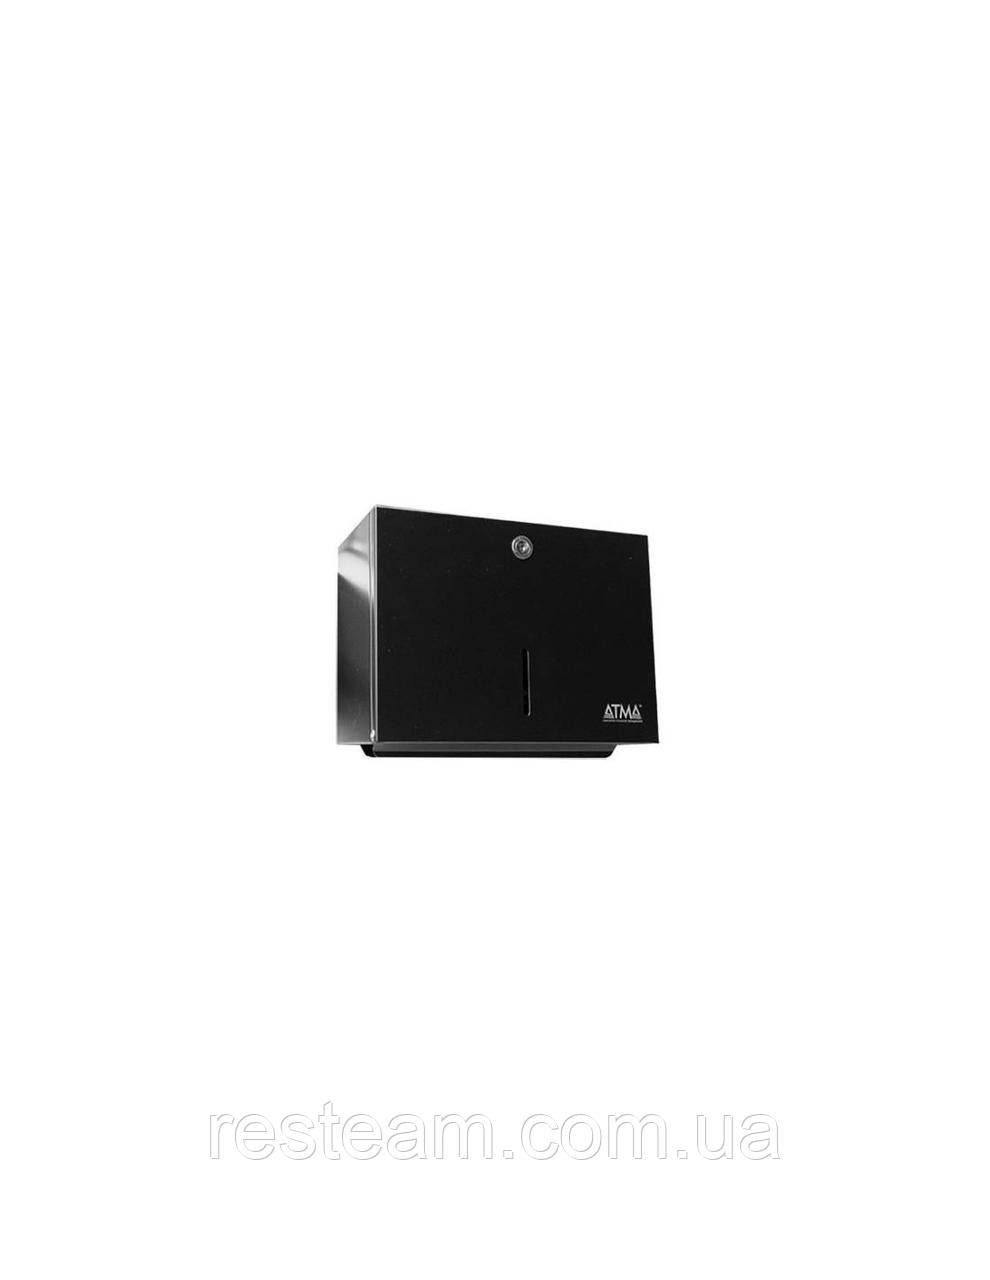 Диспенсер для полотенец нерж черный (18*24*12,5 см) D401 Black